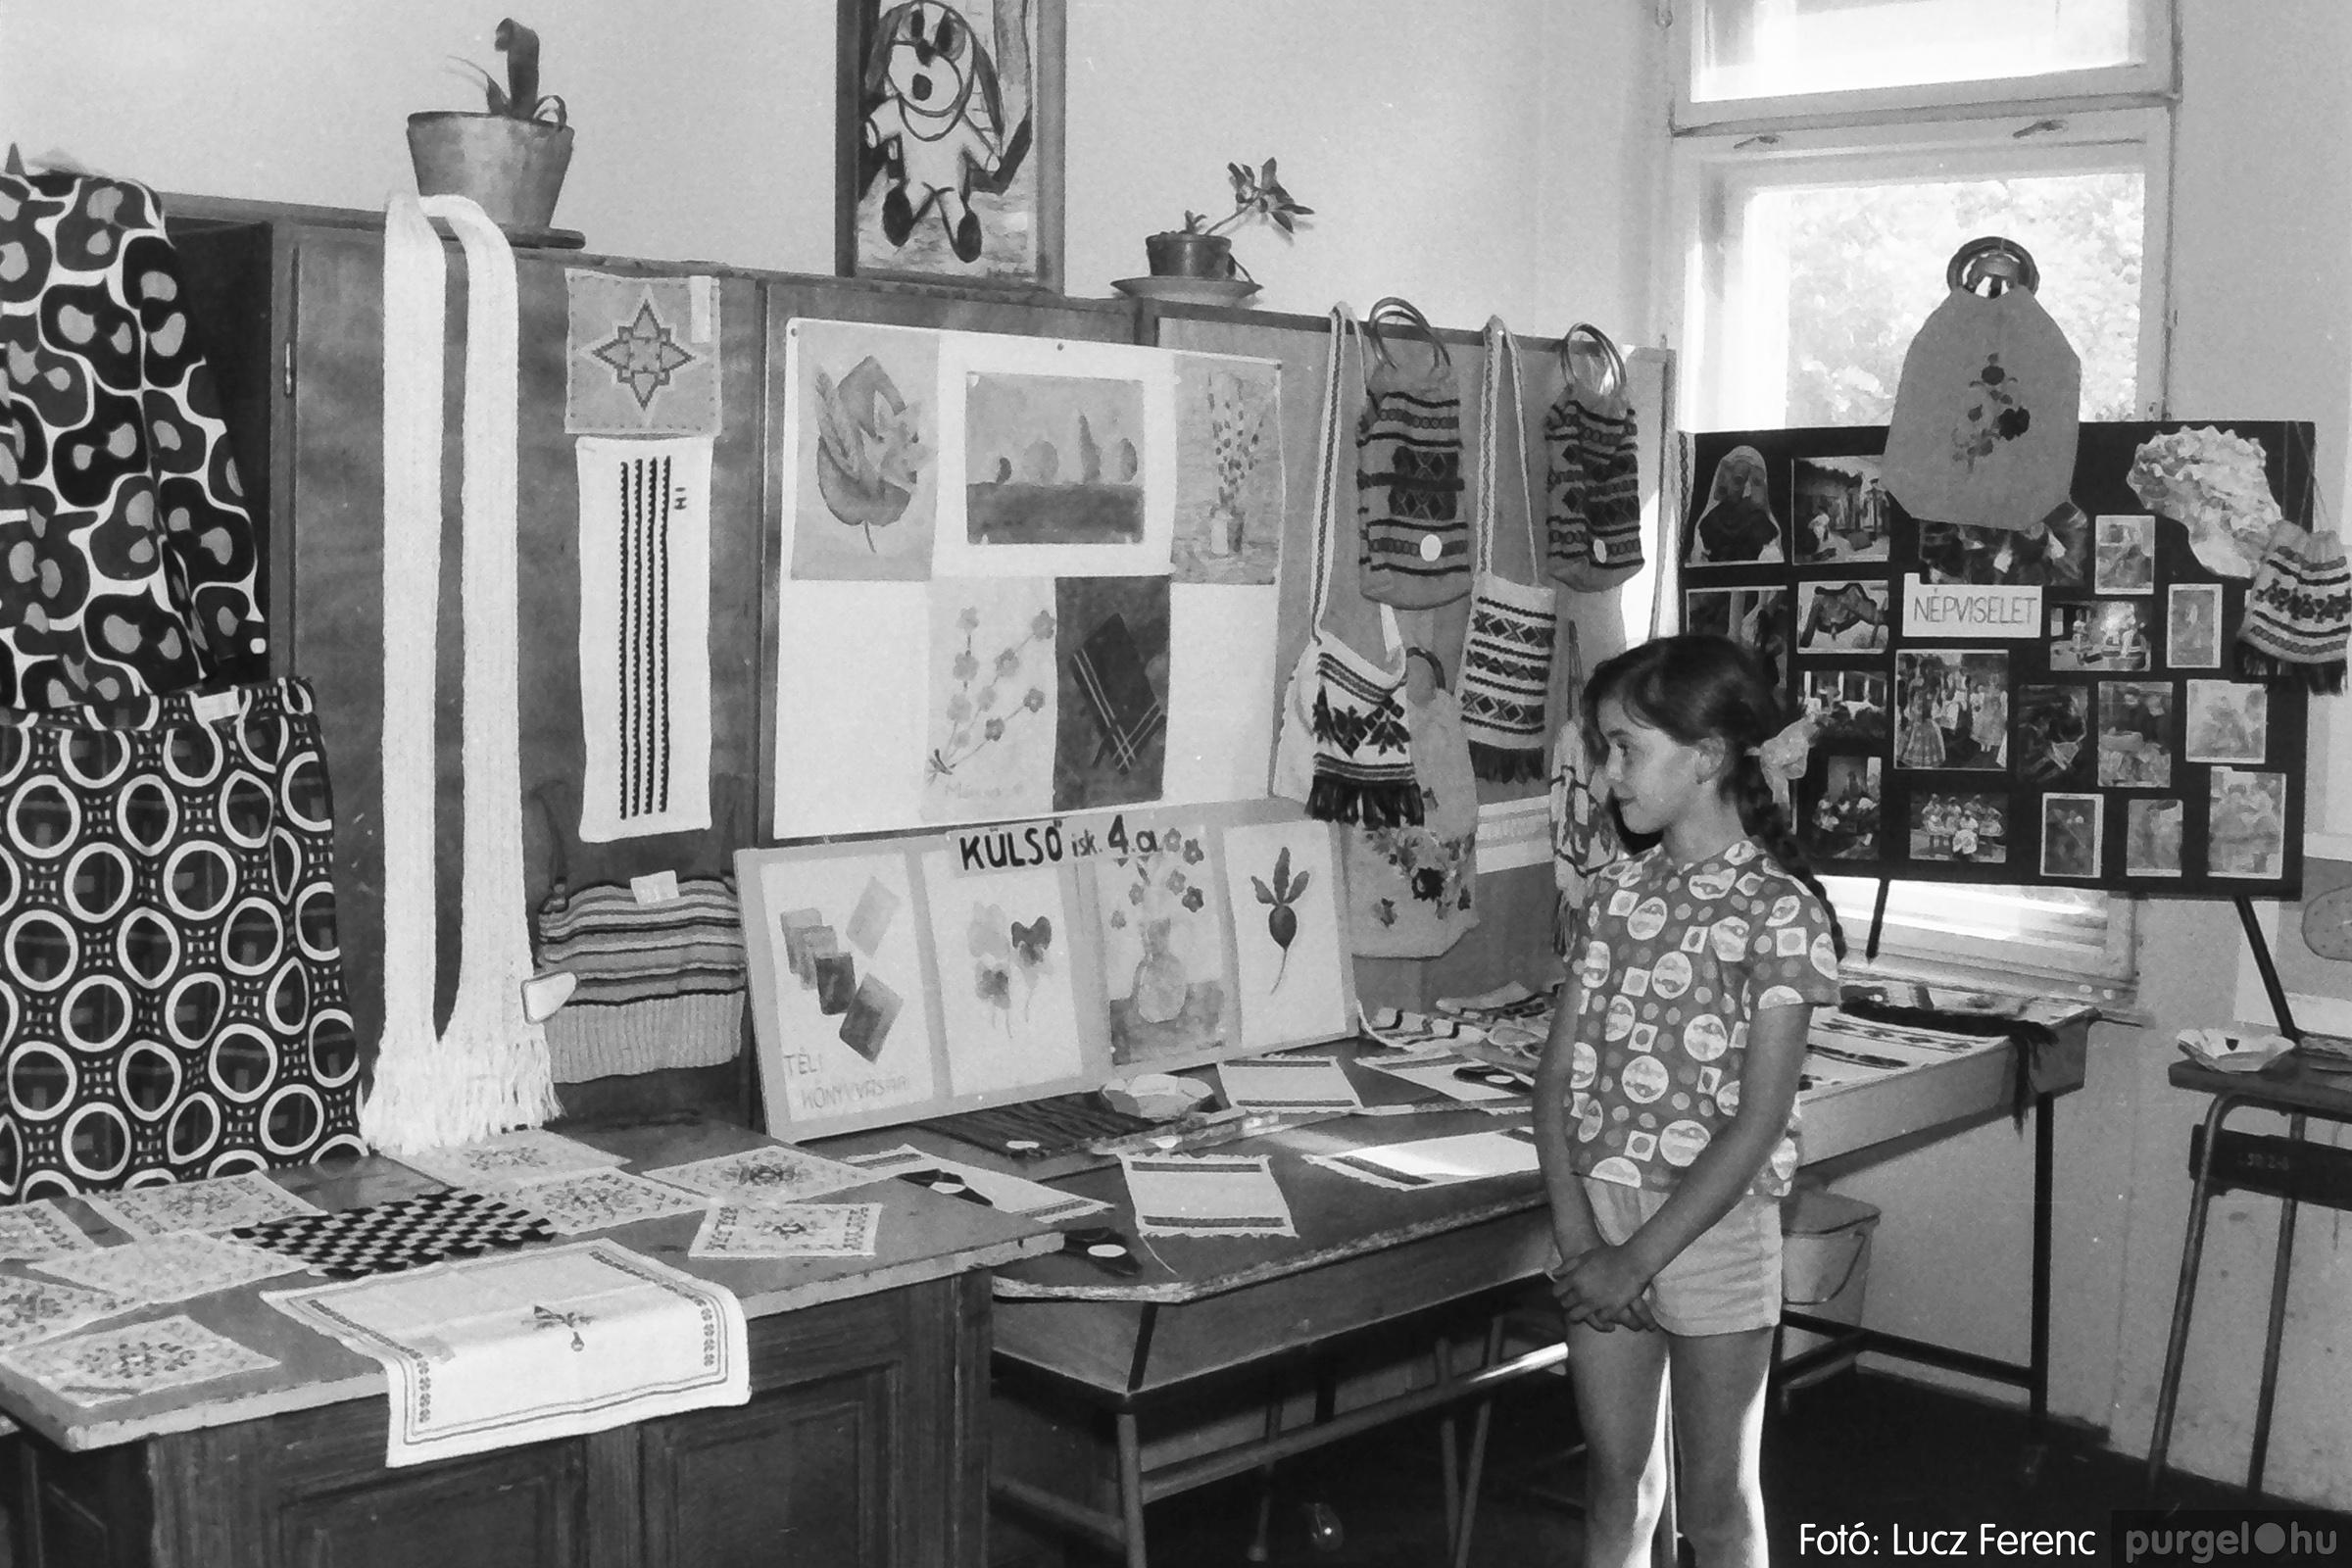 083. 1977. Iskolai kiállítás a tanév legszebb alkotásaiból 007. - Fotó: Lucz Ferenc.jpg